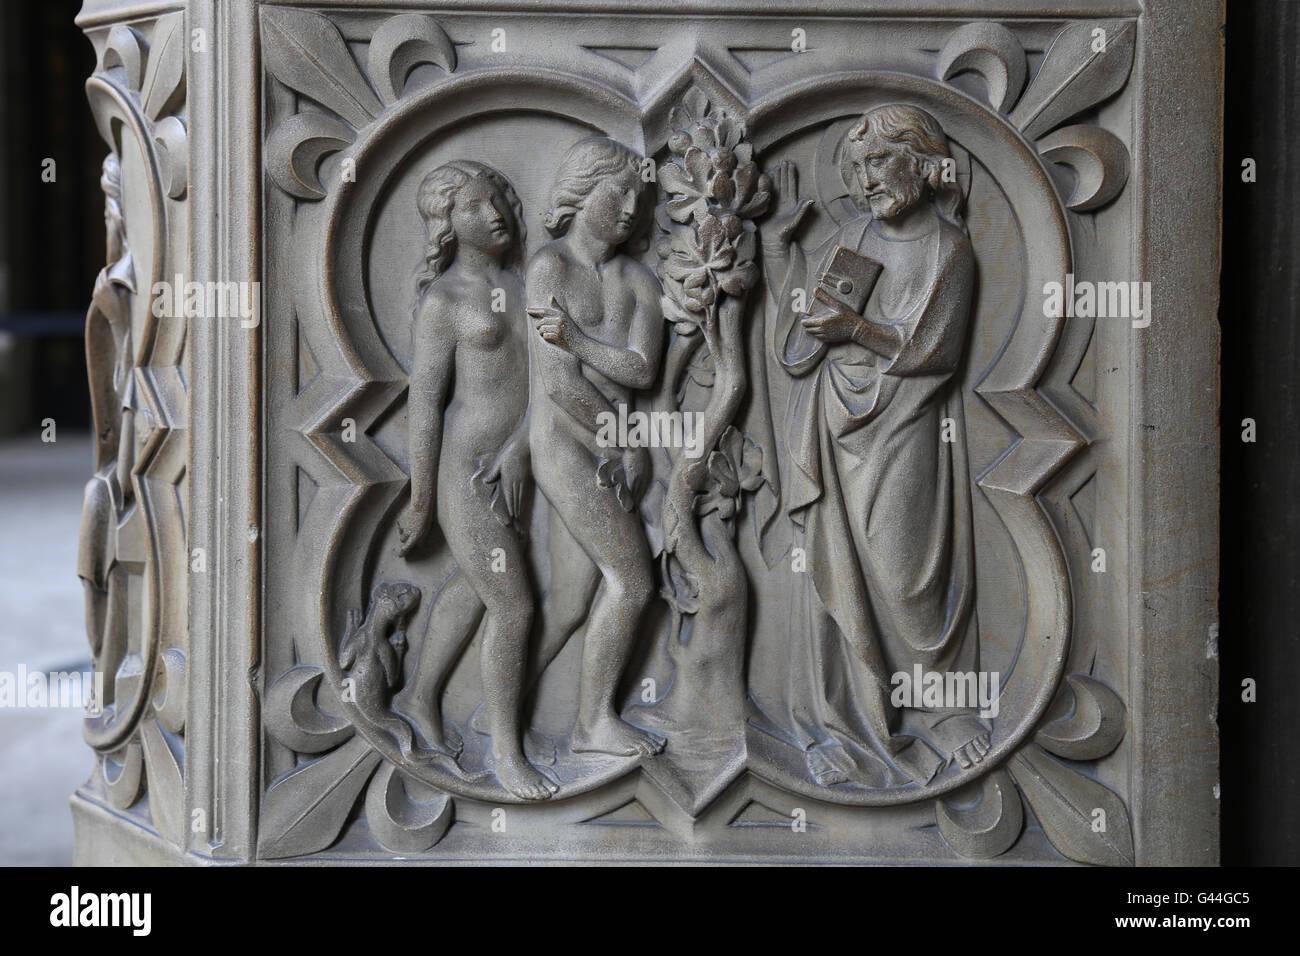 Adam et Ève dans le paradis. Le soulagement. La genèse. 13e c. La Sainte-Chapelle, Paris, France. Photo Stock